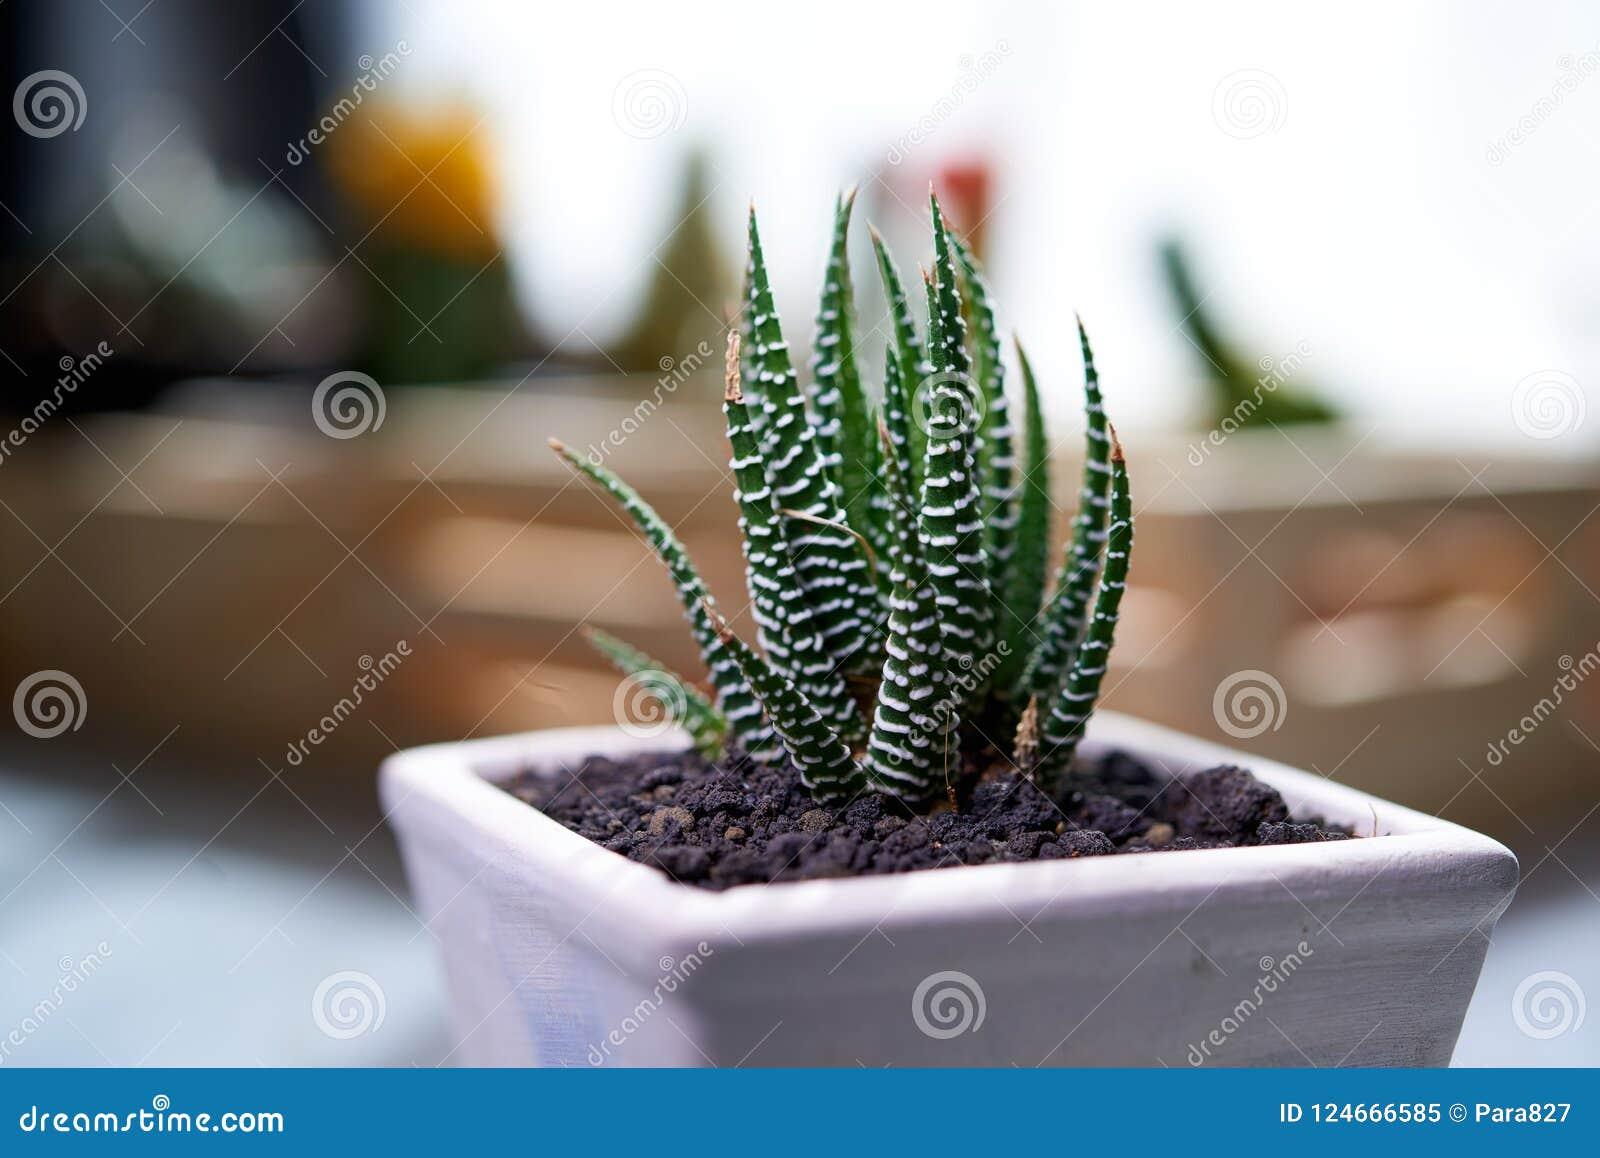 Cactus Zebra Plant Propagation Stock Image Image Of Cactus Pattern 124666585